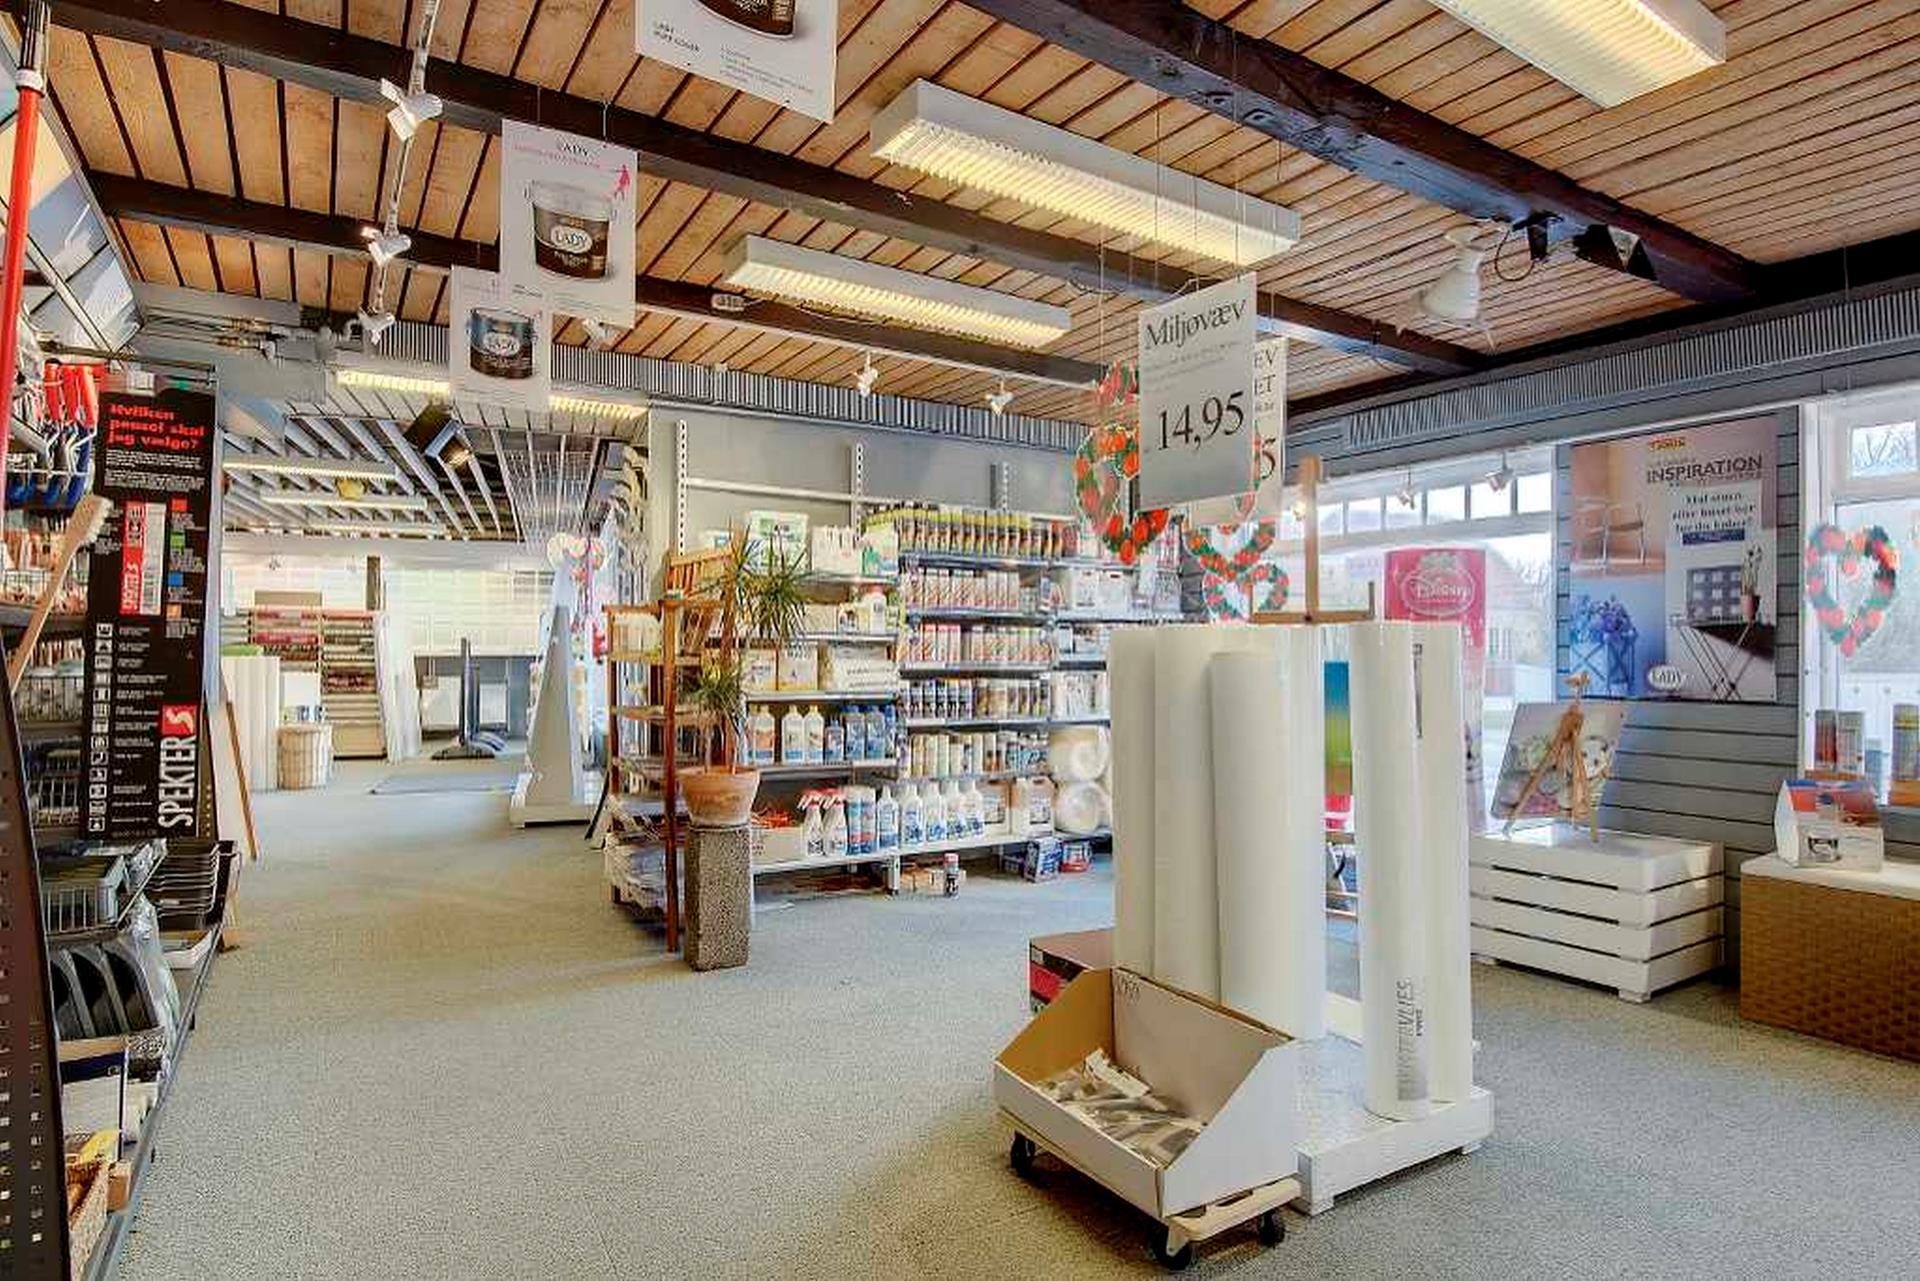 Bolig/erhverv på Sct. Clemens Vej i Skagen - Butikslokale